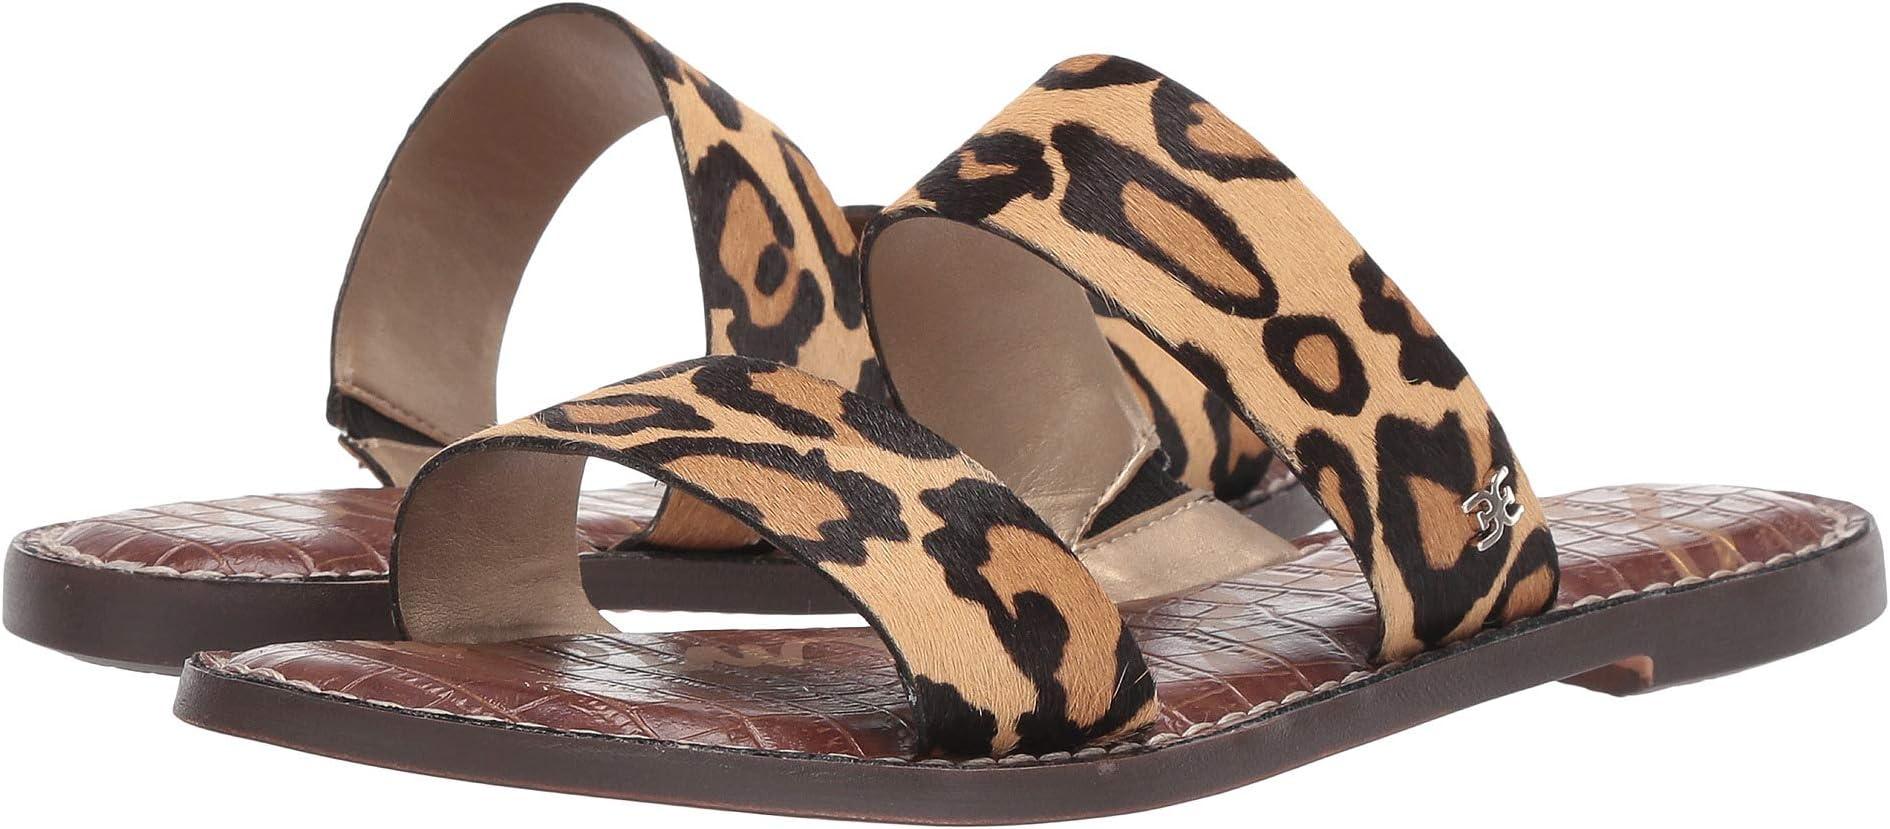 e1dd51c51 Sandals. Heels. Flats. Circus. Clothing